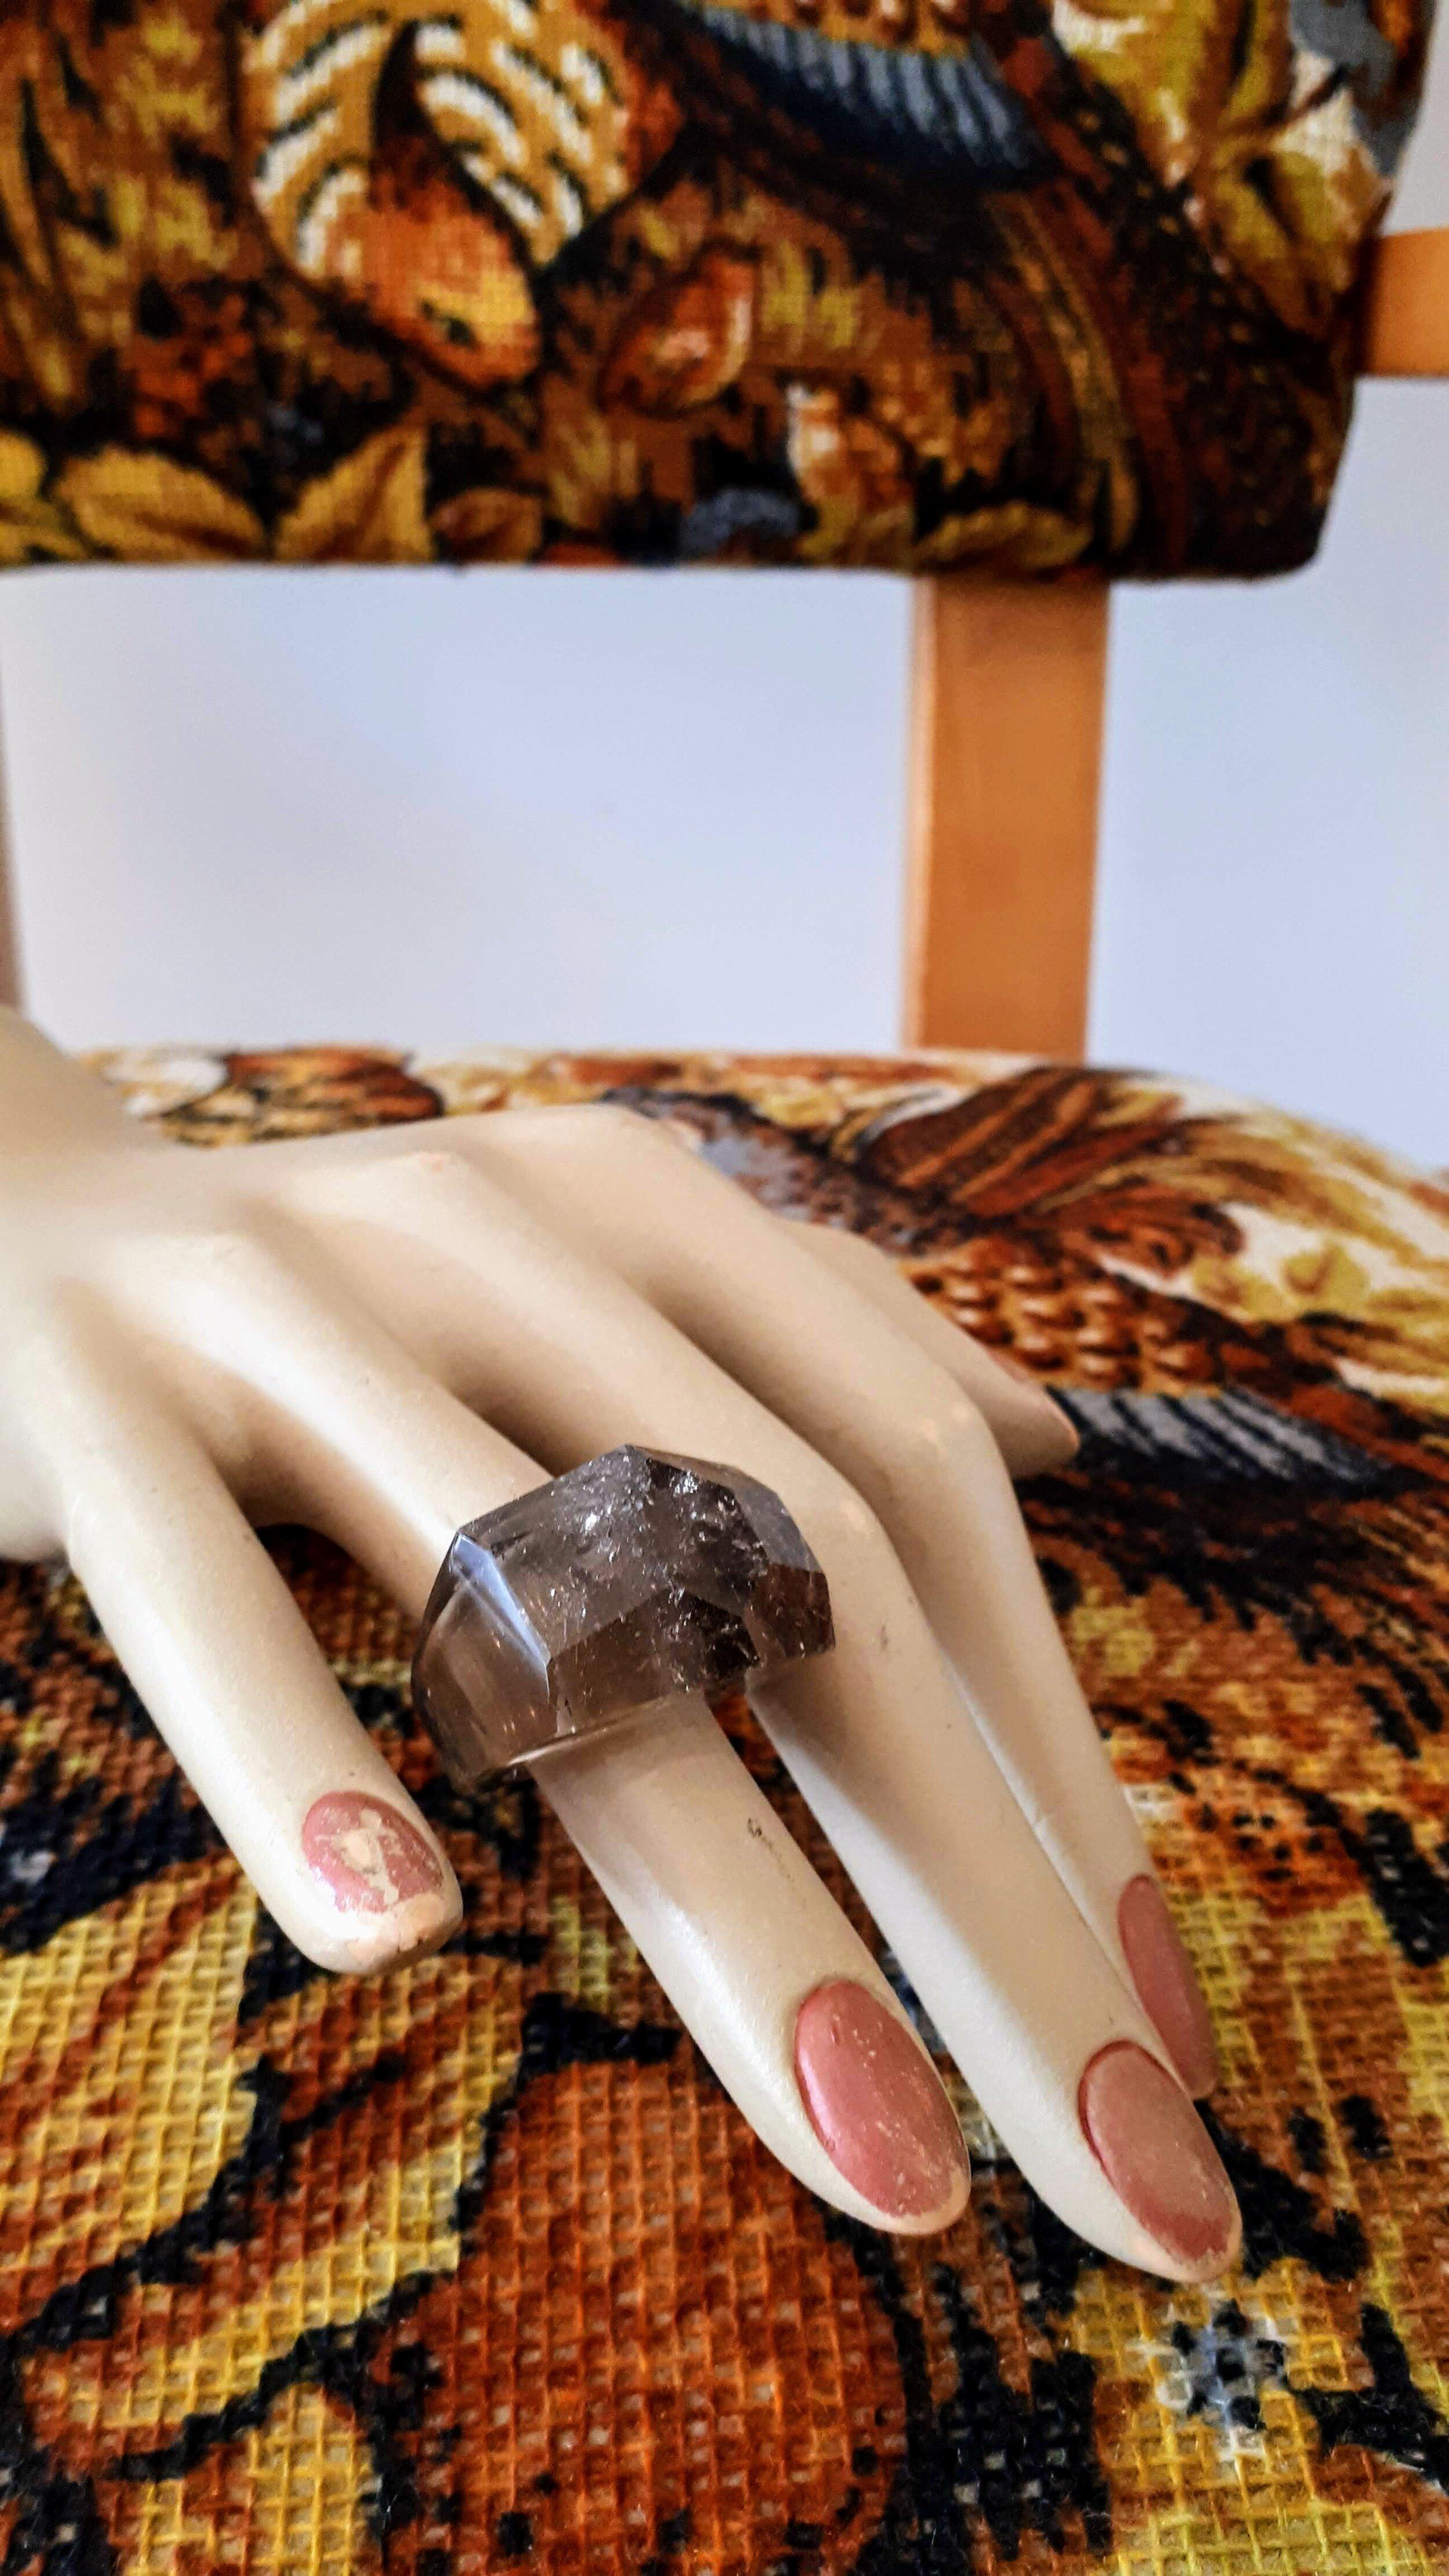 Ring, $28